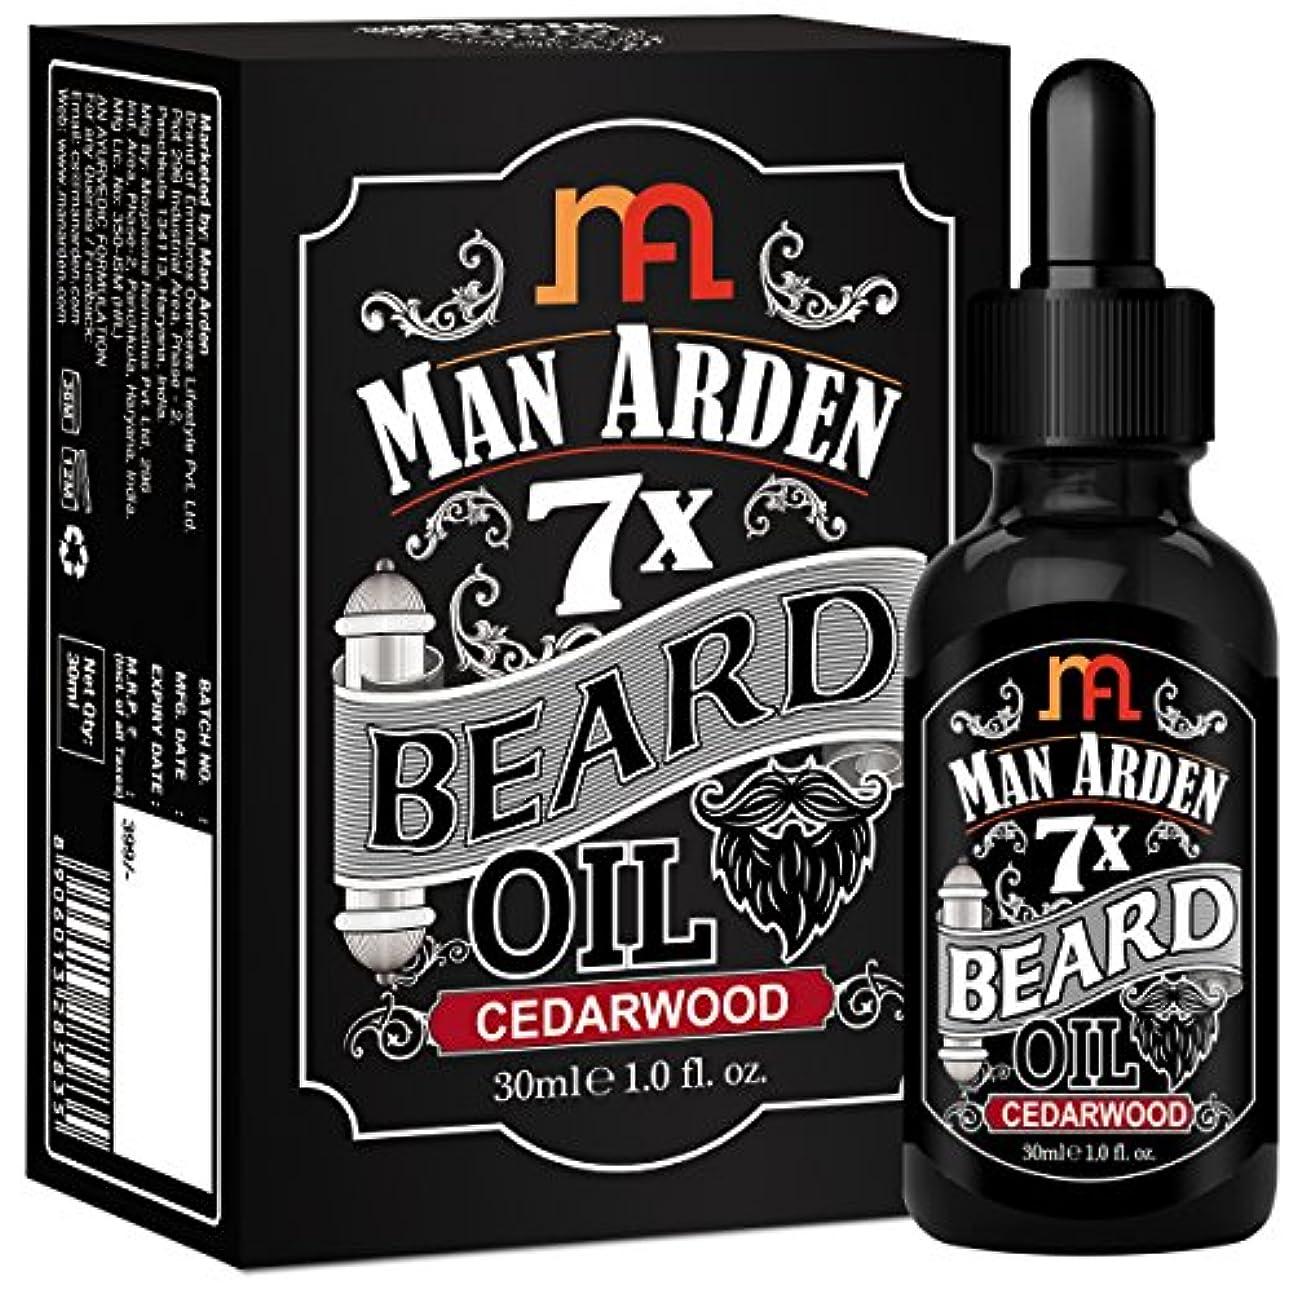 コールド手伝う荒らすMan Arden 7X Beard Oil 30ml (Cedarwood) - 7 Premium Oils Blend For Beard Growth & Nourishment